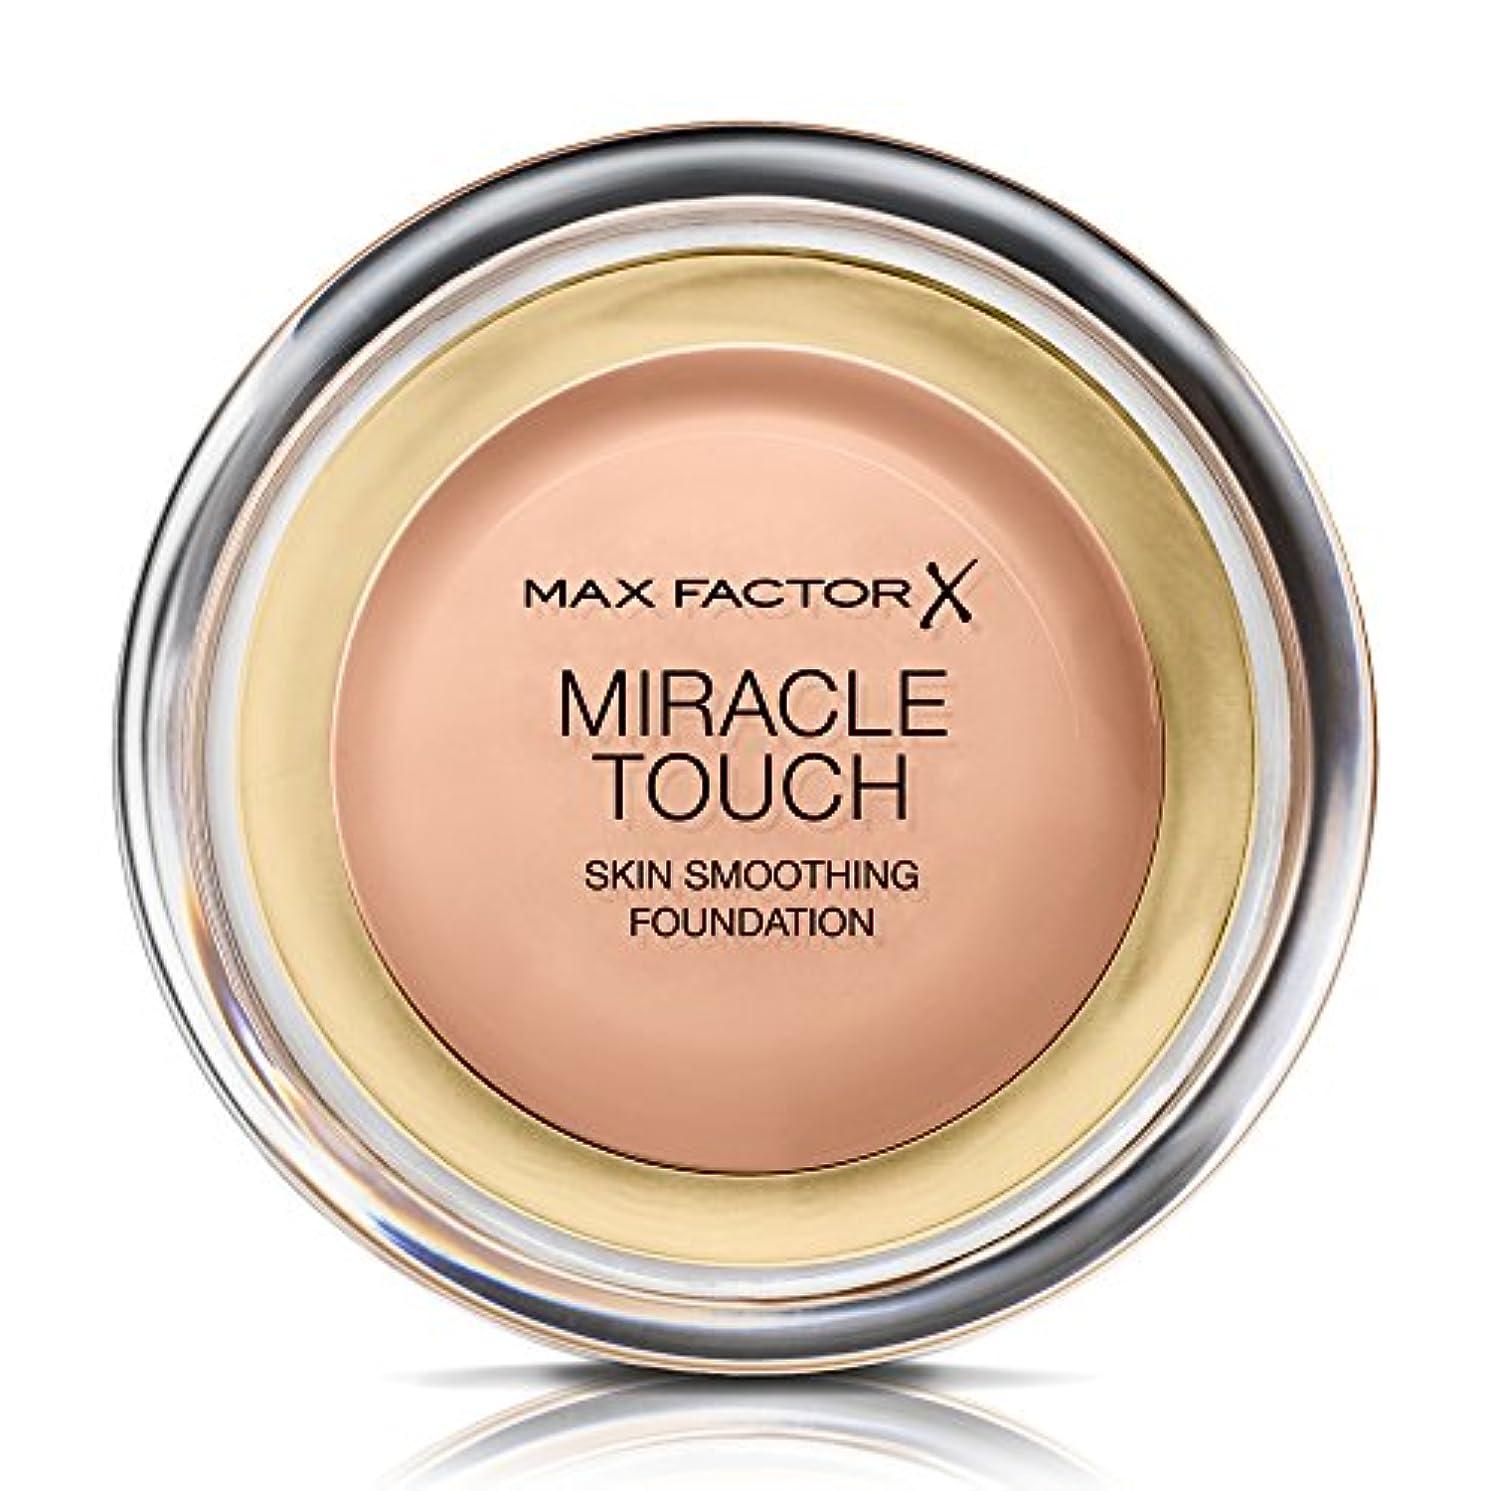 グリース分布機械マックス ファクター ミラクル タッチ スキン スムーズ ファウンデーション - ブラシング ベージュ Max Factor Miracle Touch Skin Smoothing Foundation - Blushing...